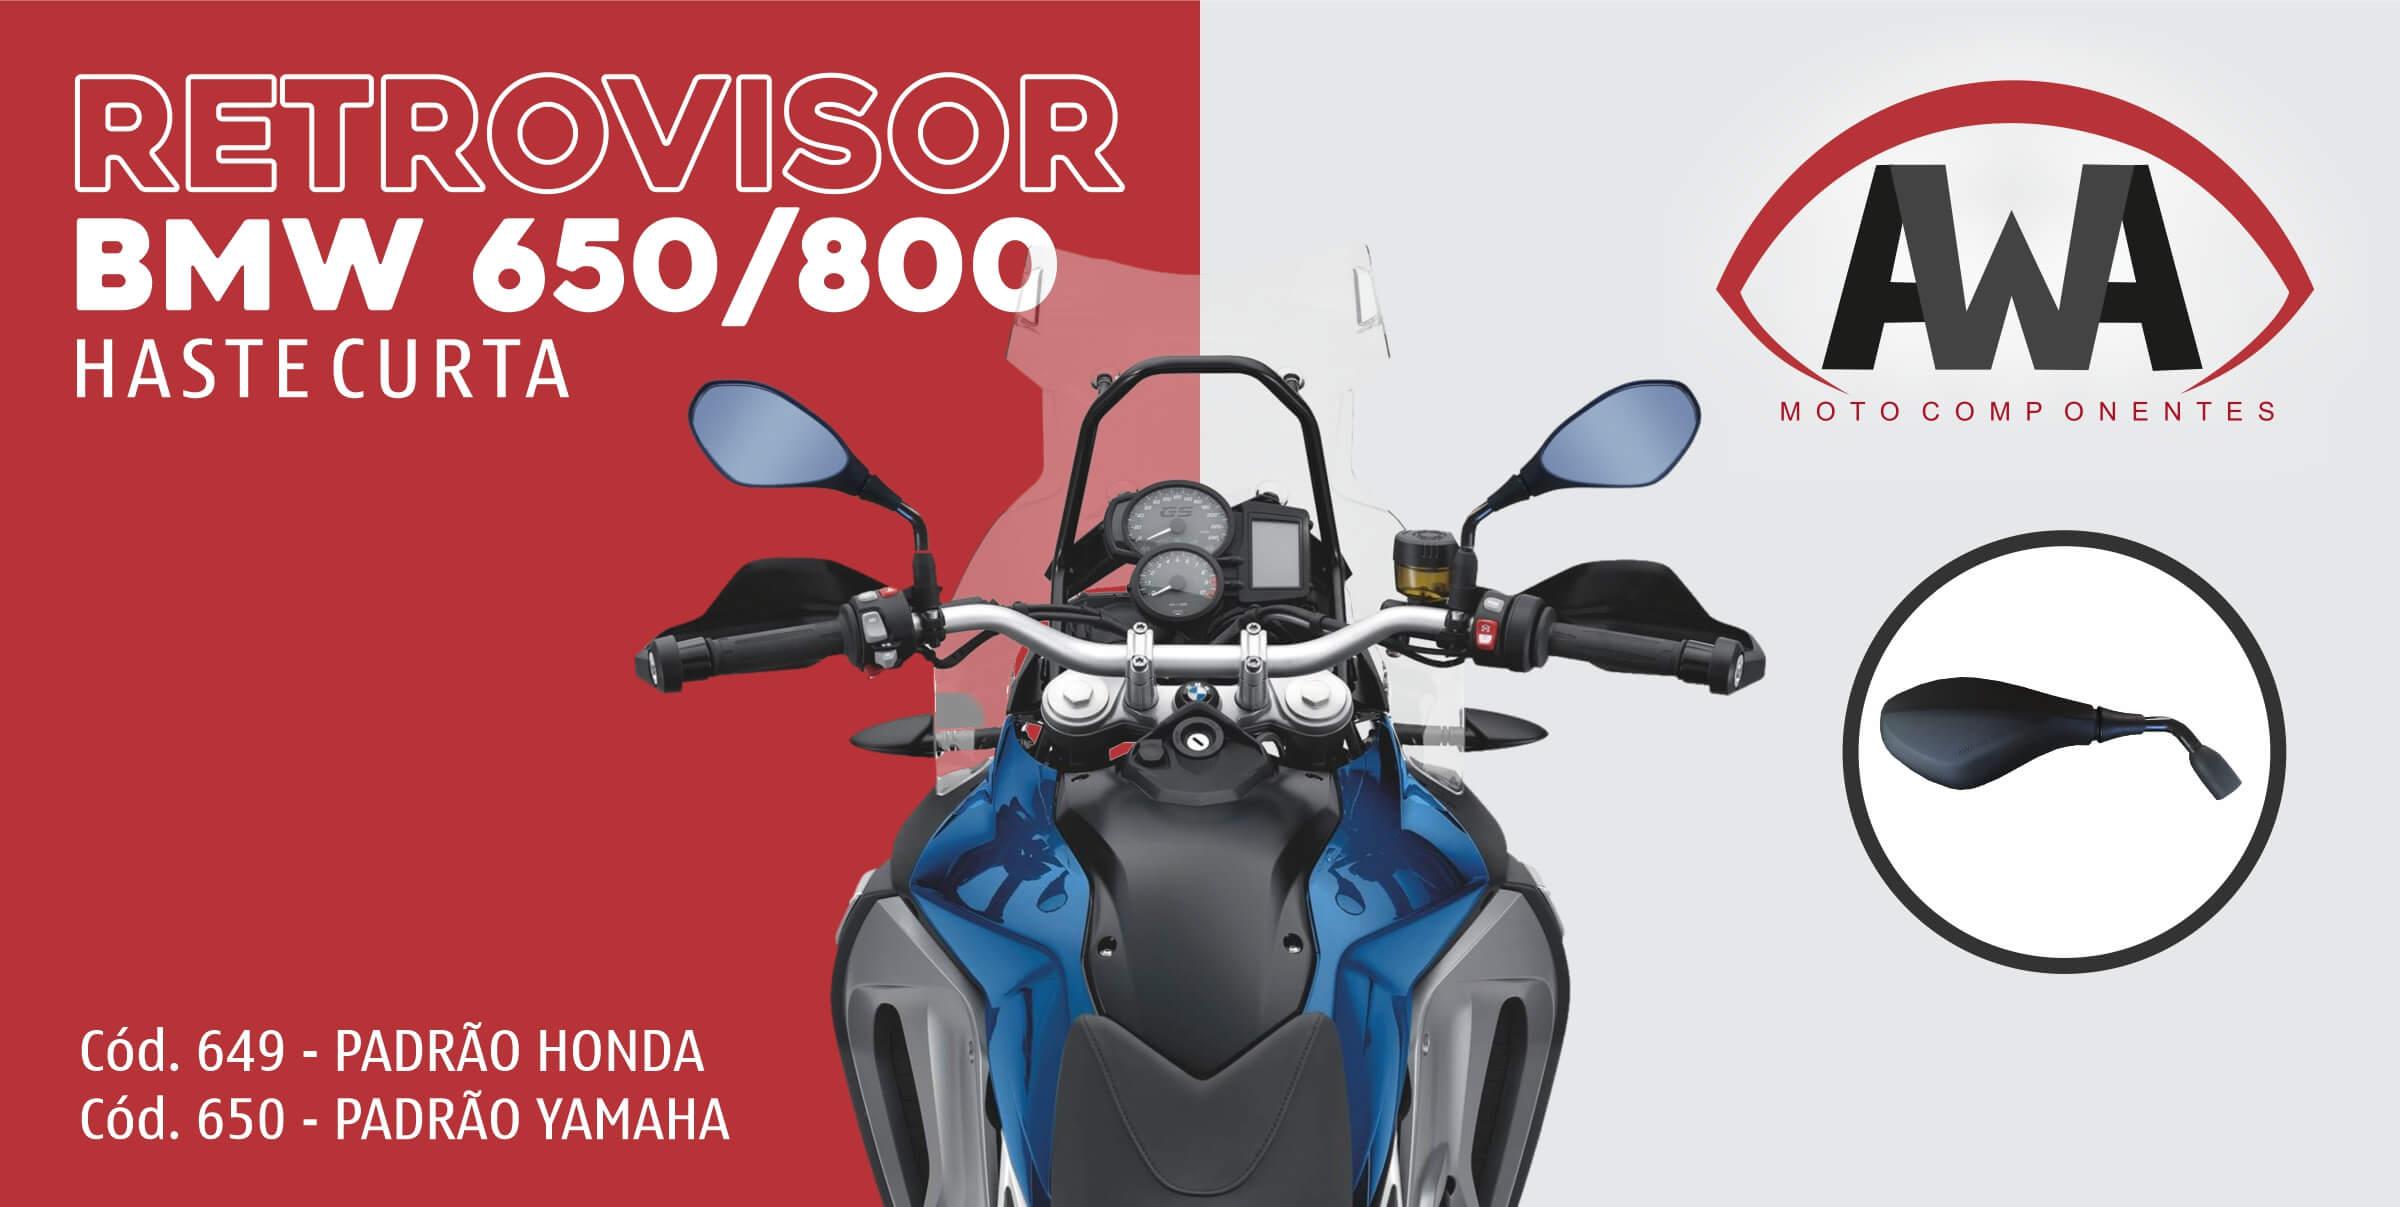 RETROVISOR BMW GS 650/800 HASTE CURTA PADRAO HONDA DIR/ESQ